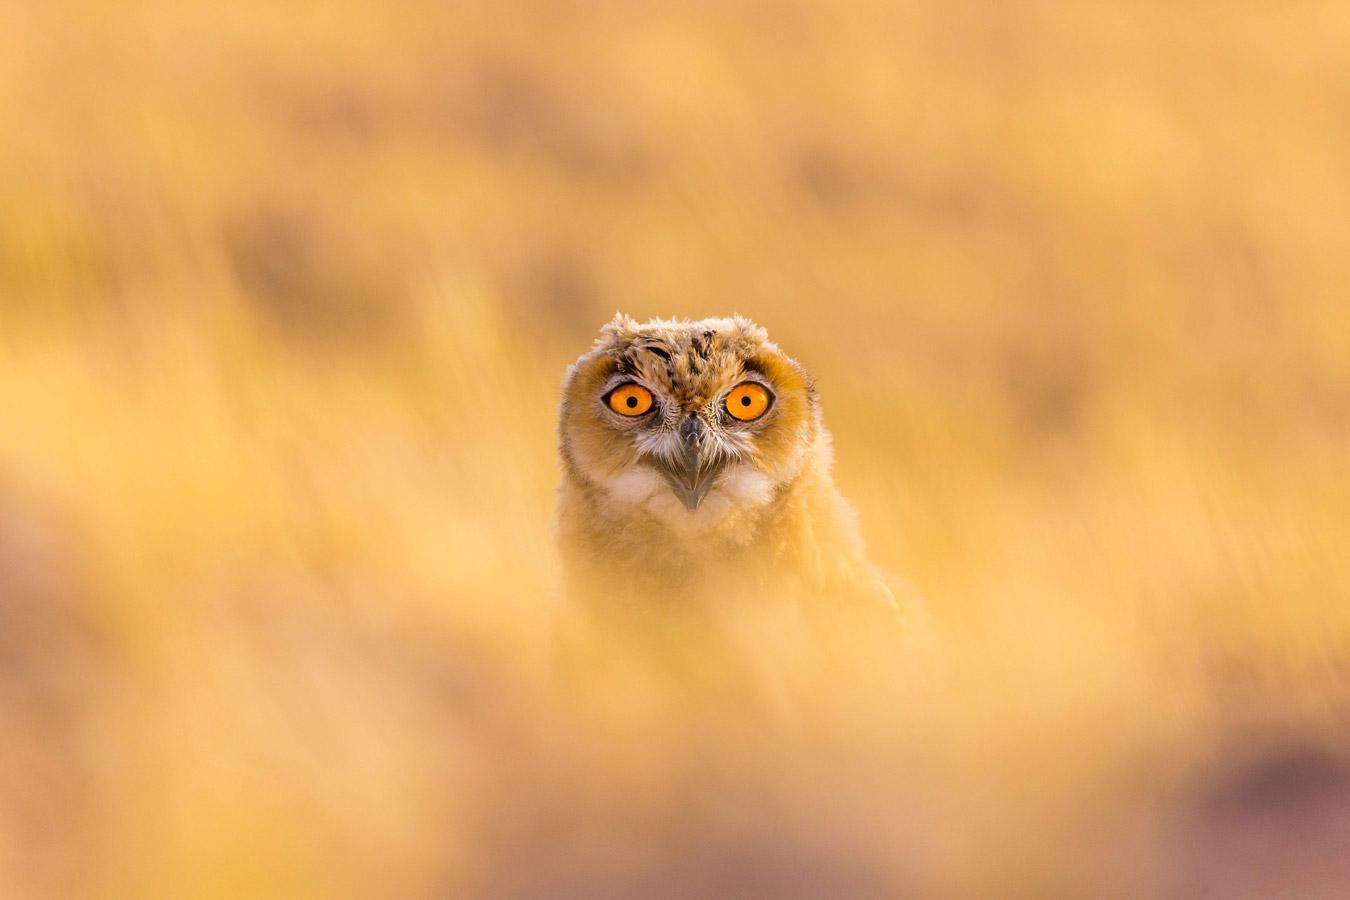 Внутри огня. Кувейт, © Мухаммед Мурад, Кувейт, Высокая оценка в категории «Птицы», Фотоконкурс «Лучшая природная фотография Азии»